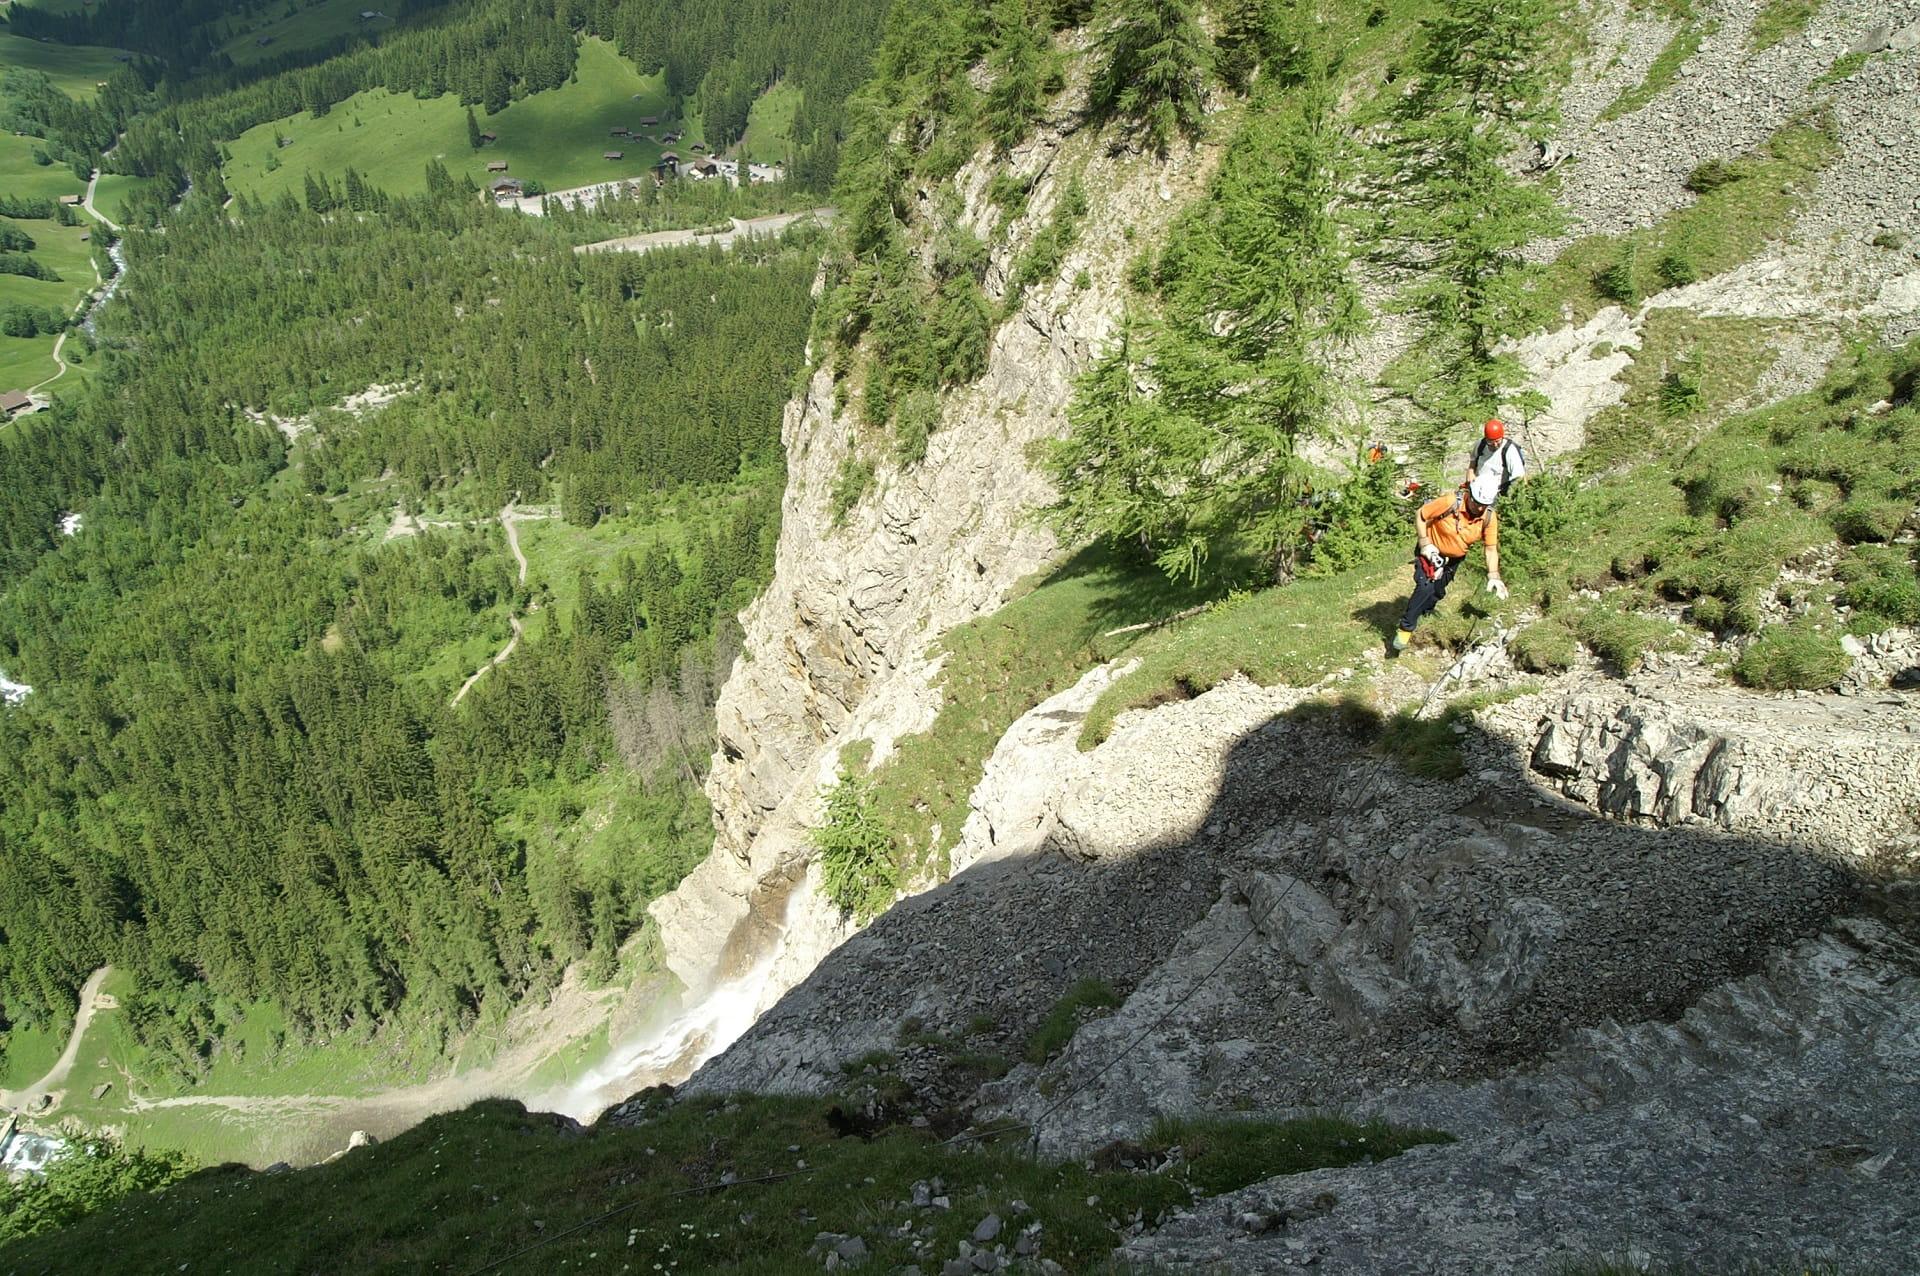 Klettersteig Chäligang : Engstligenalp klettersteig chäligang ausflüge